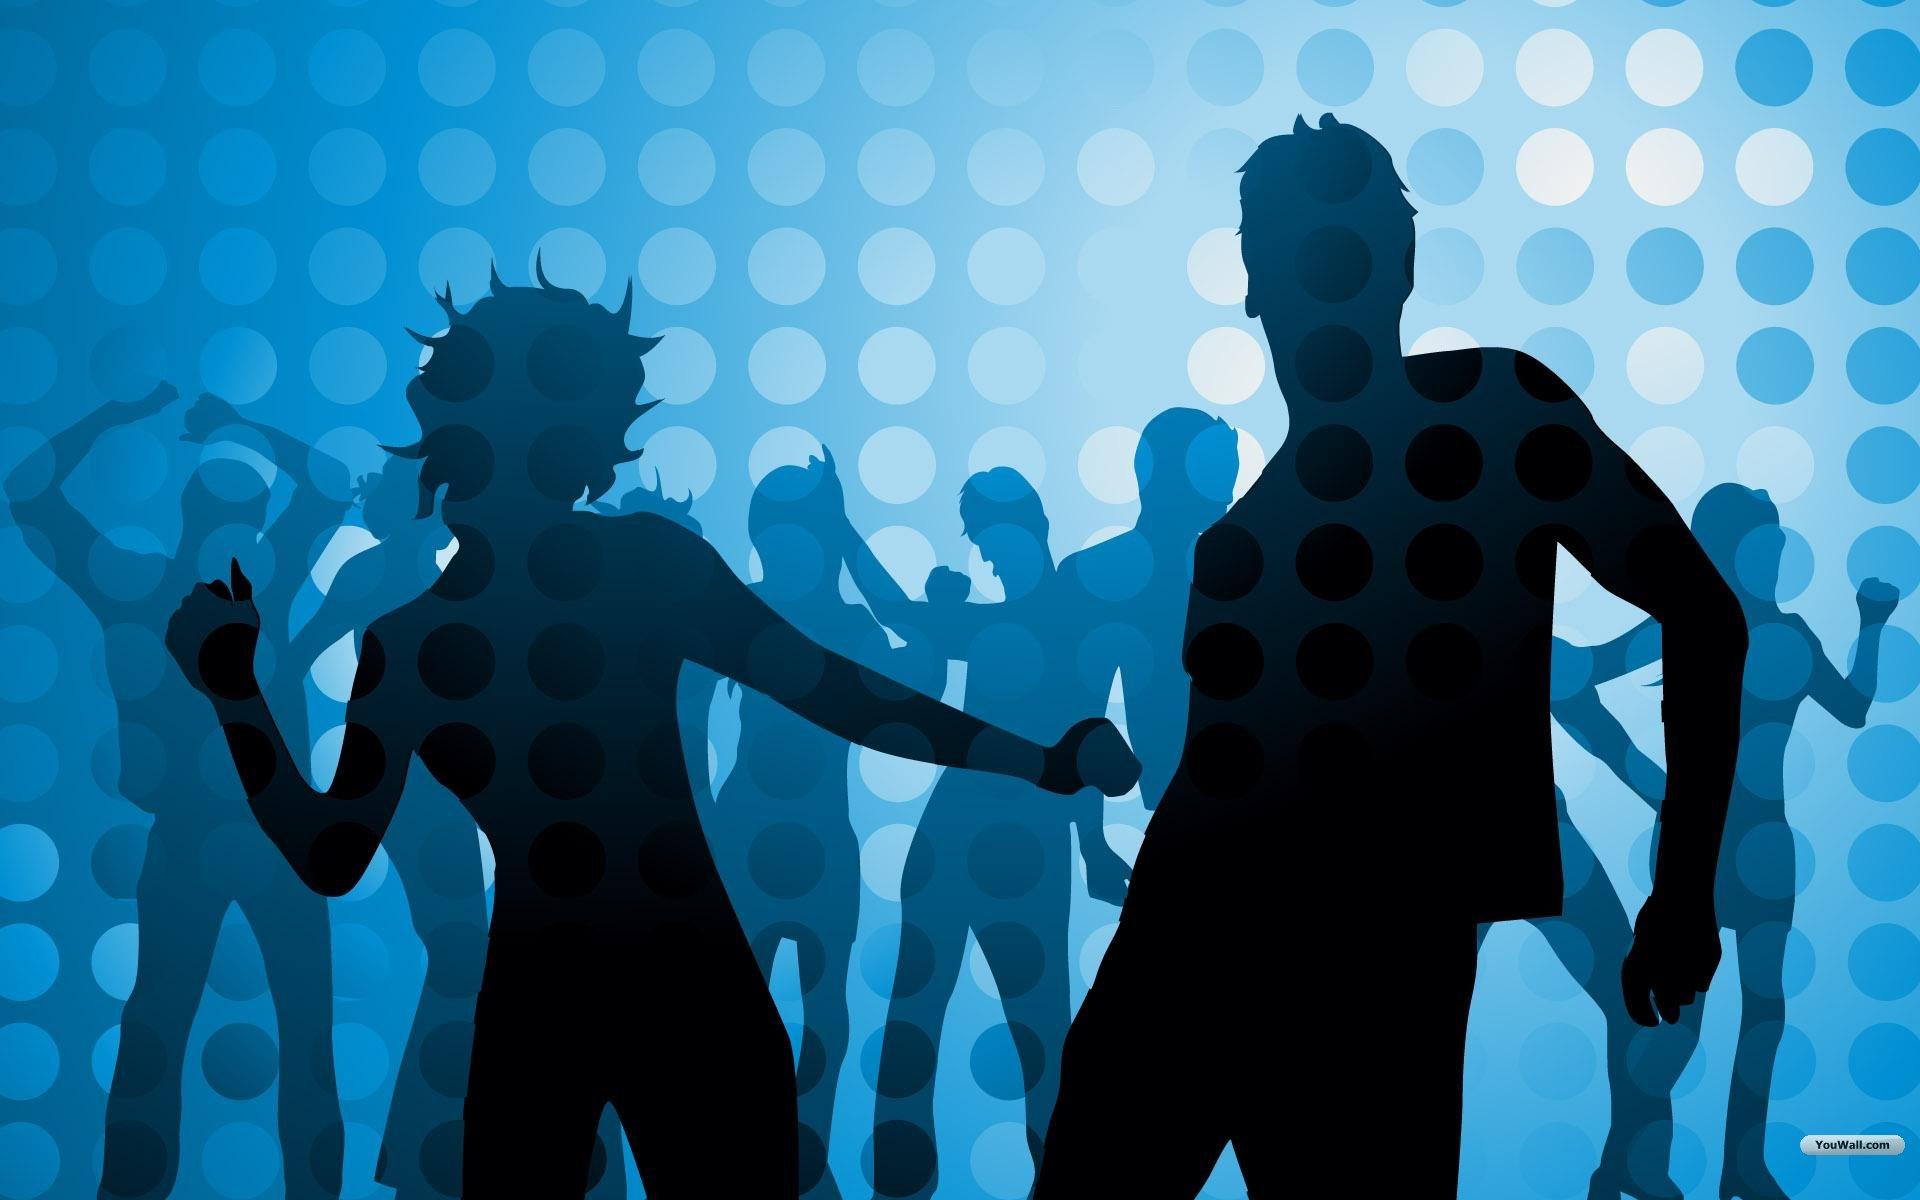 Dance club clipart.